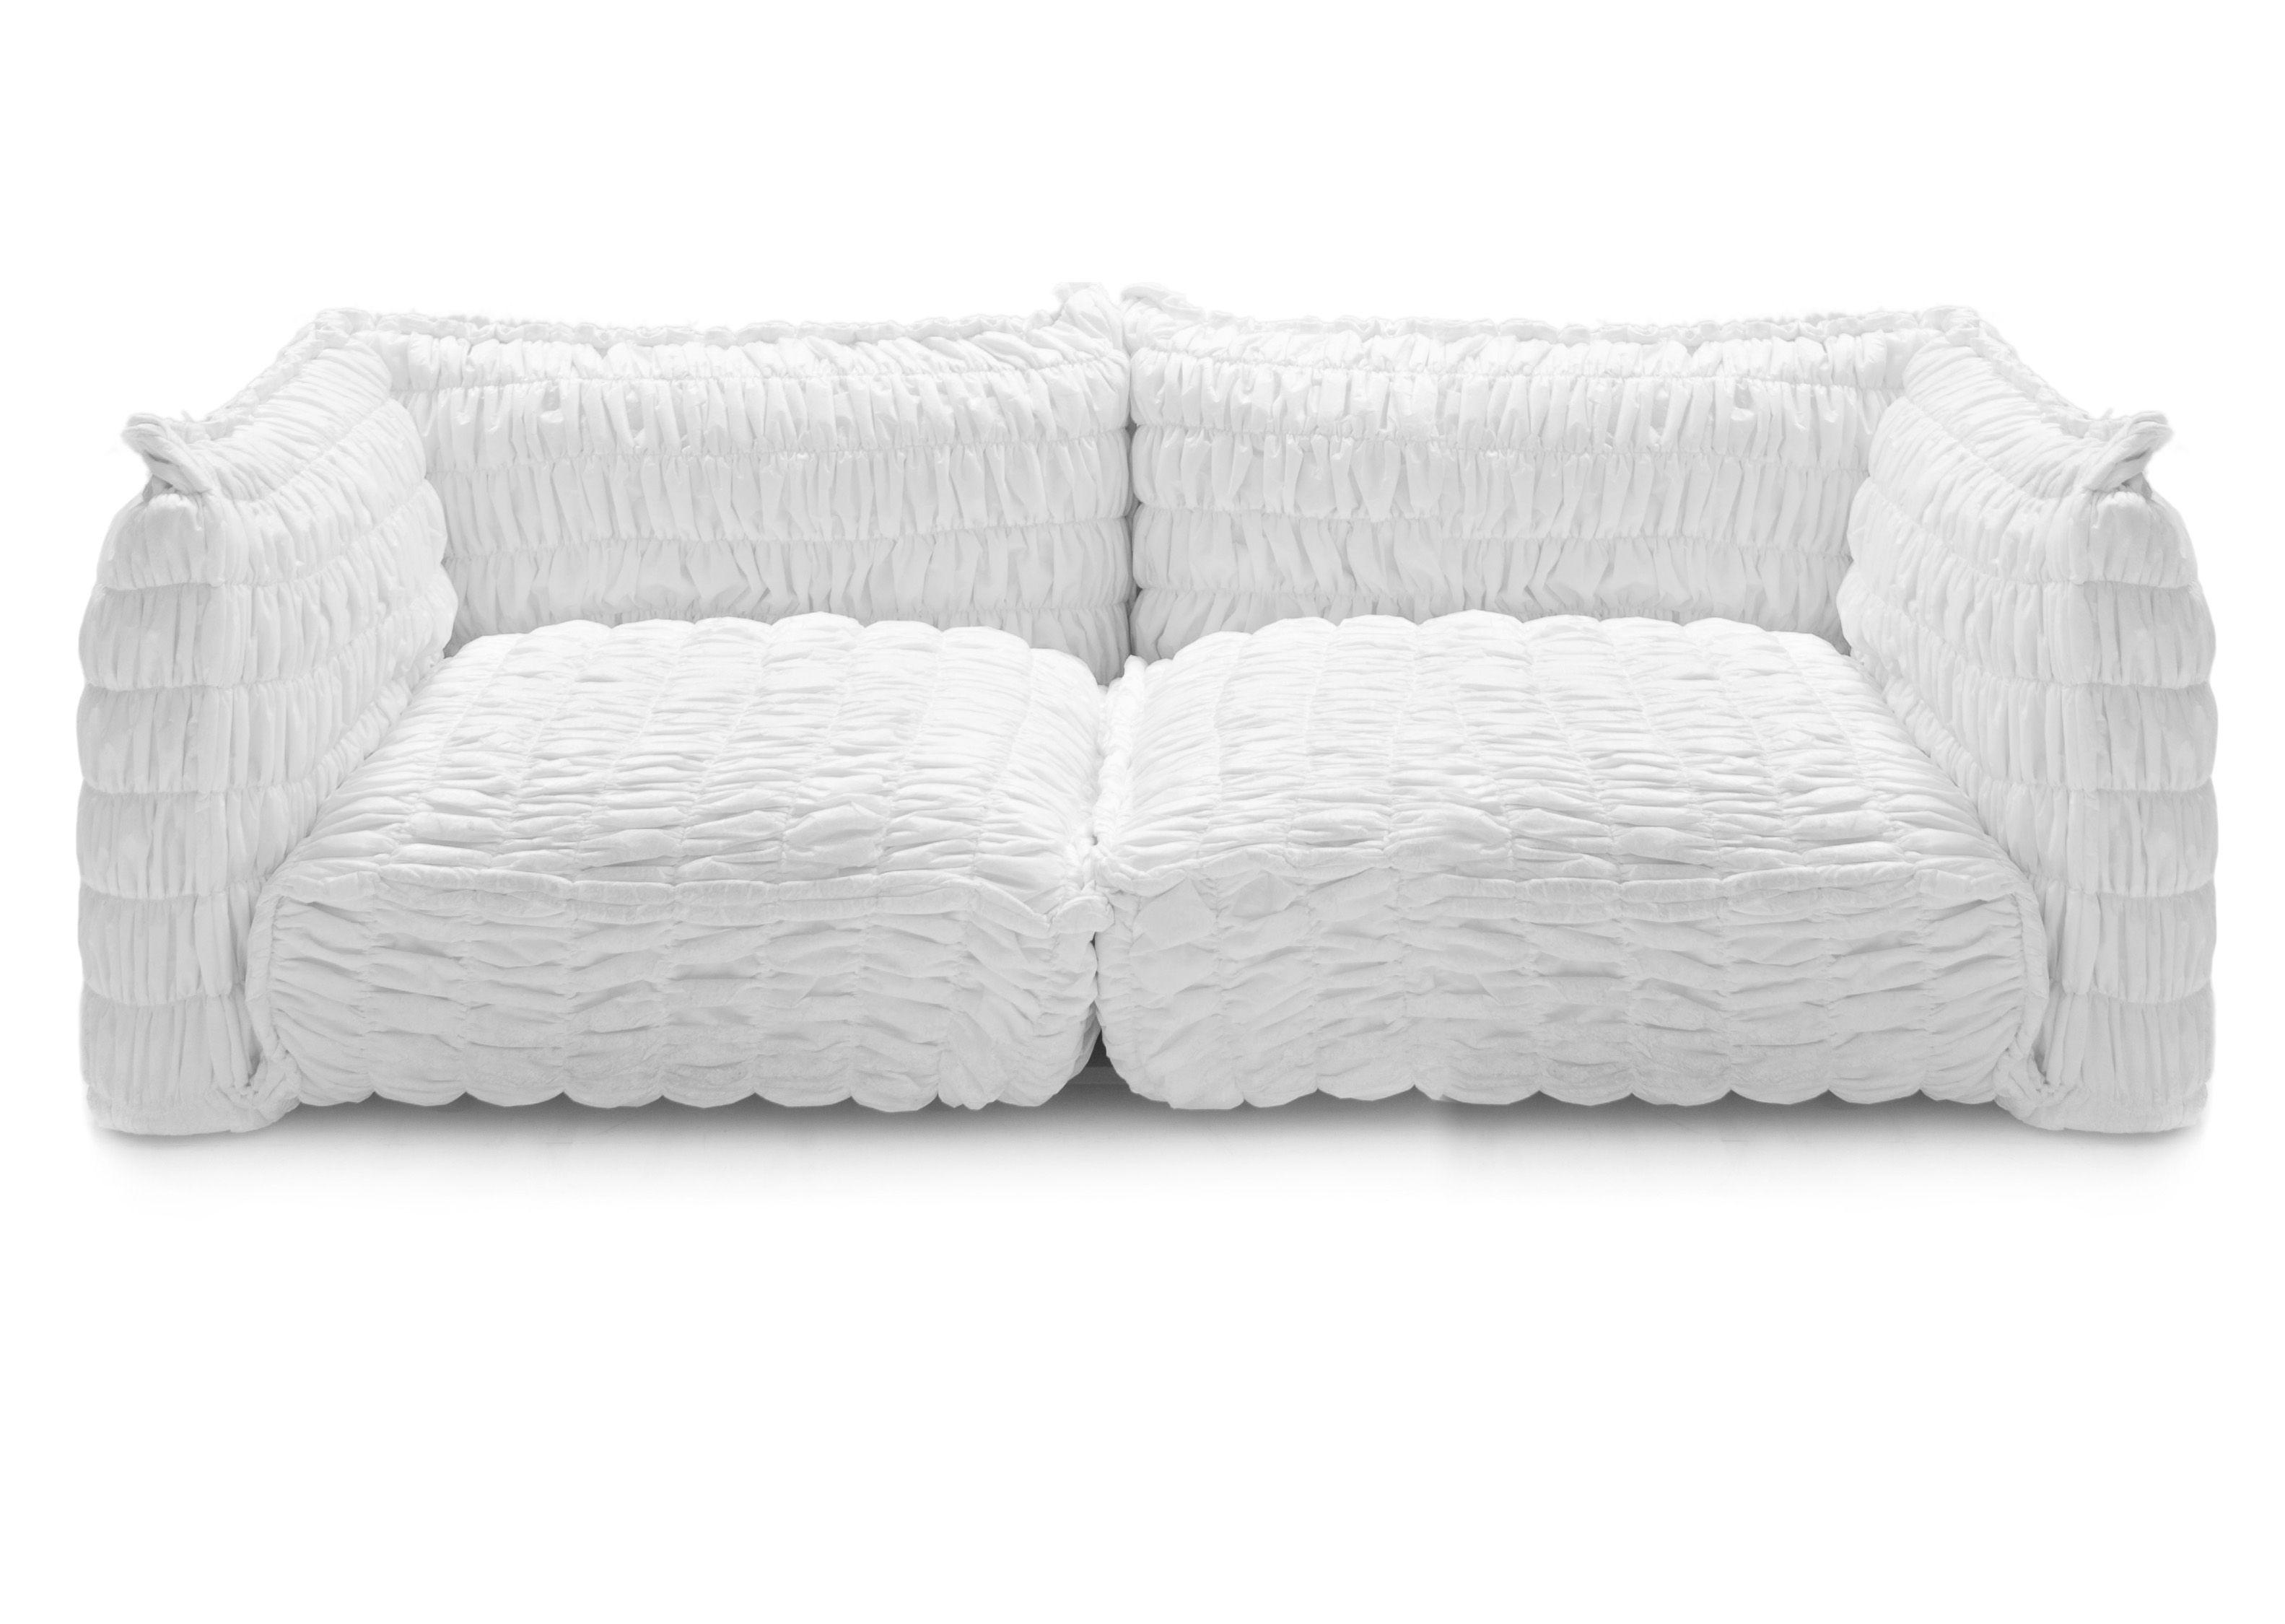 Mobilier - Canapés - Canapé droit Paper Cloud / 2 places - L 195 cm - Moroso - Blanc - Textile